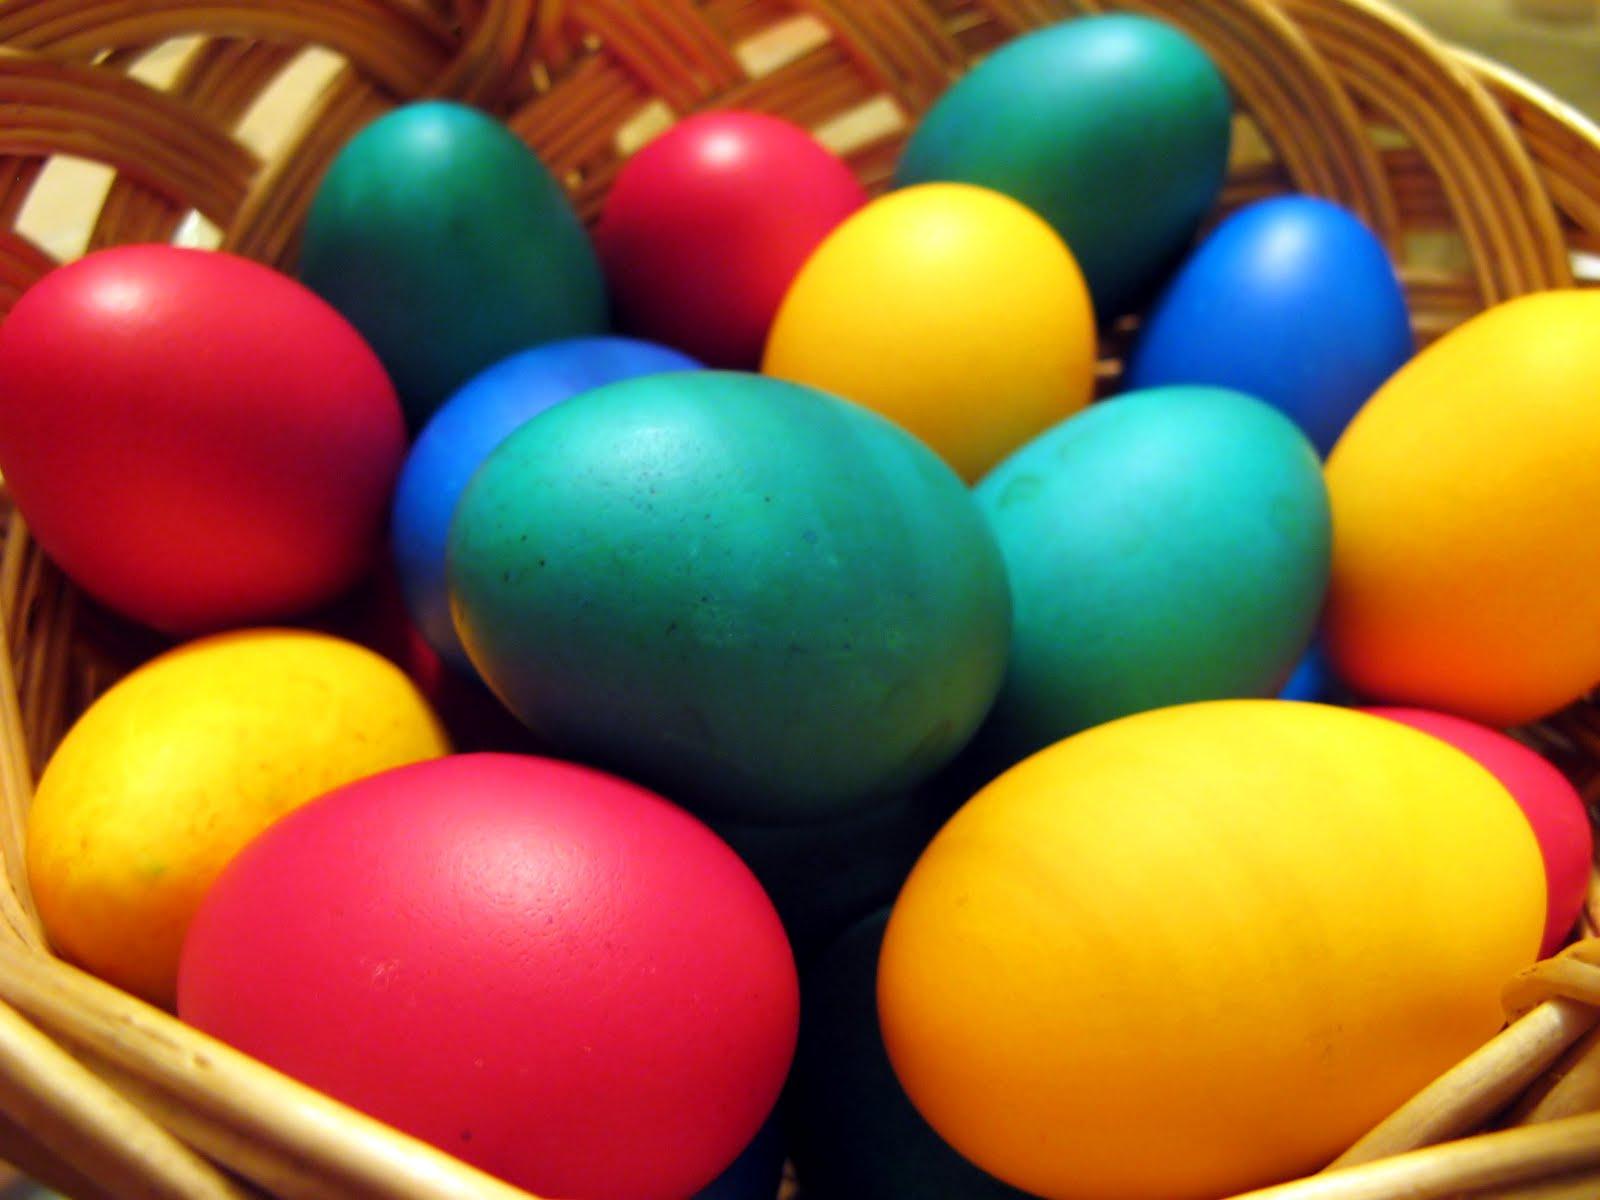 milyen gyakran tojások tojások inváziós petefészek enterobiasis